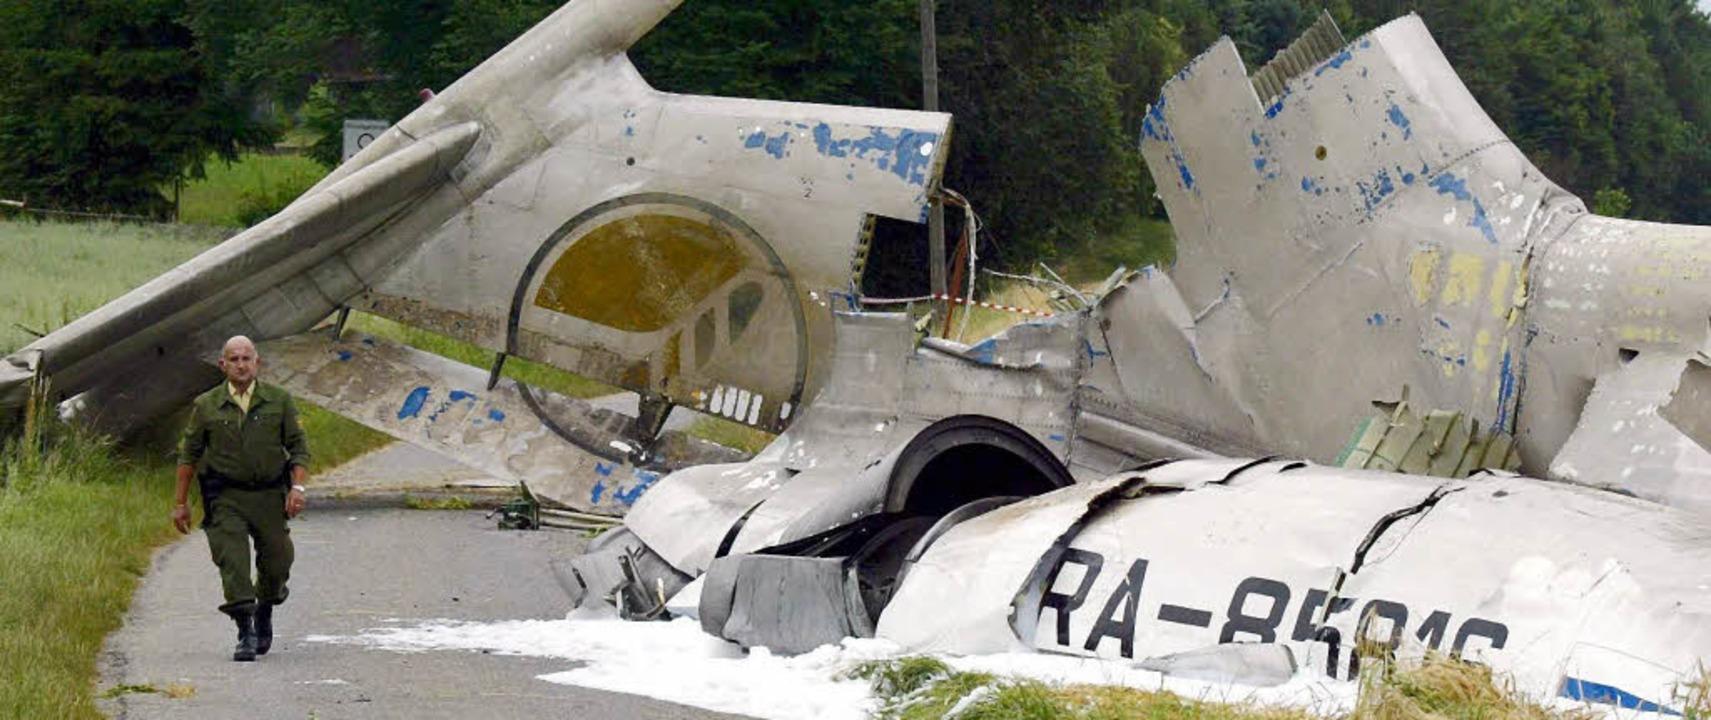 Auf 30 Quadratkilometern verstreut fanden sich Flugzeugteile.  | Foto: DPA/JANZ